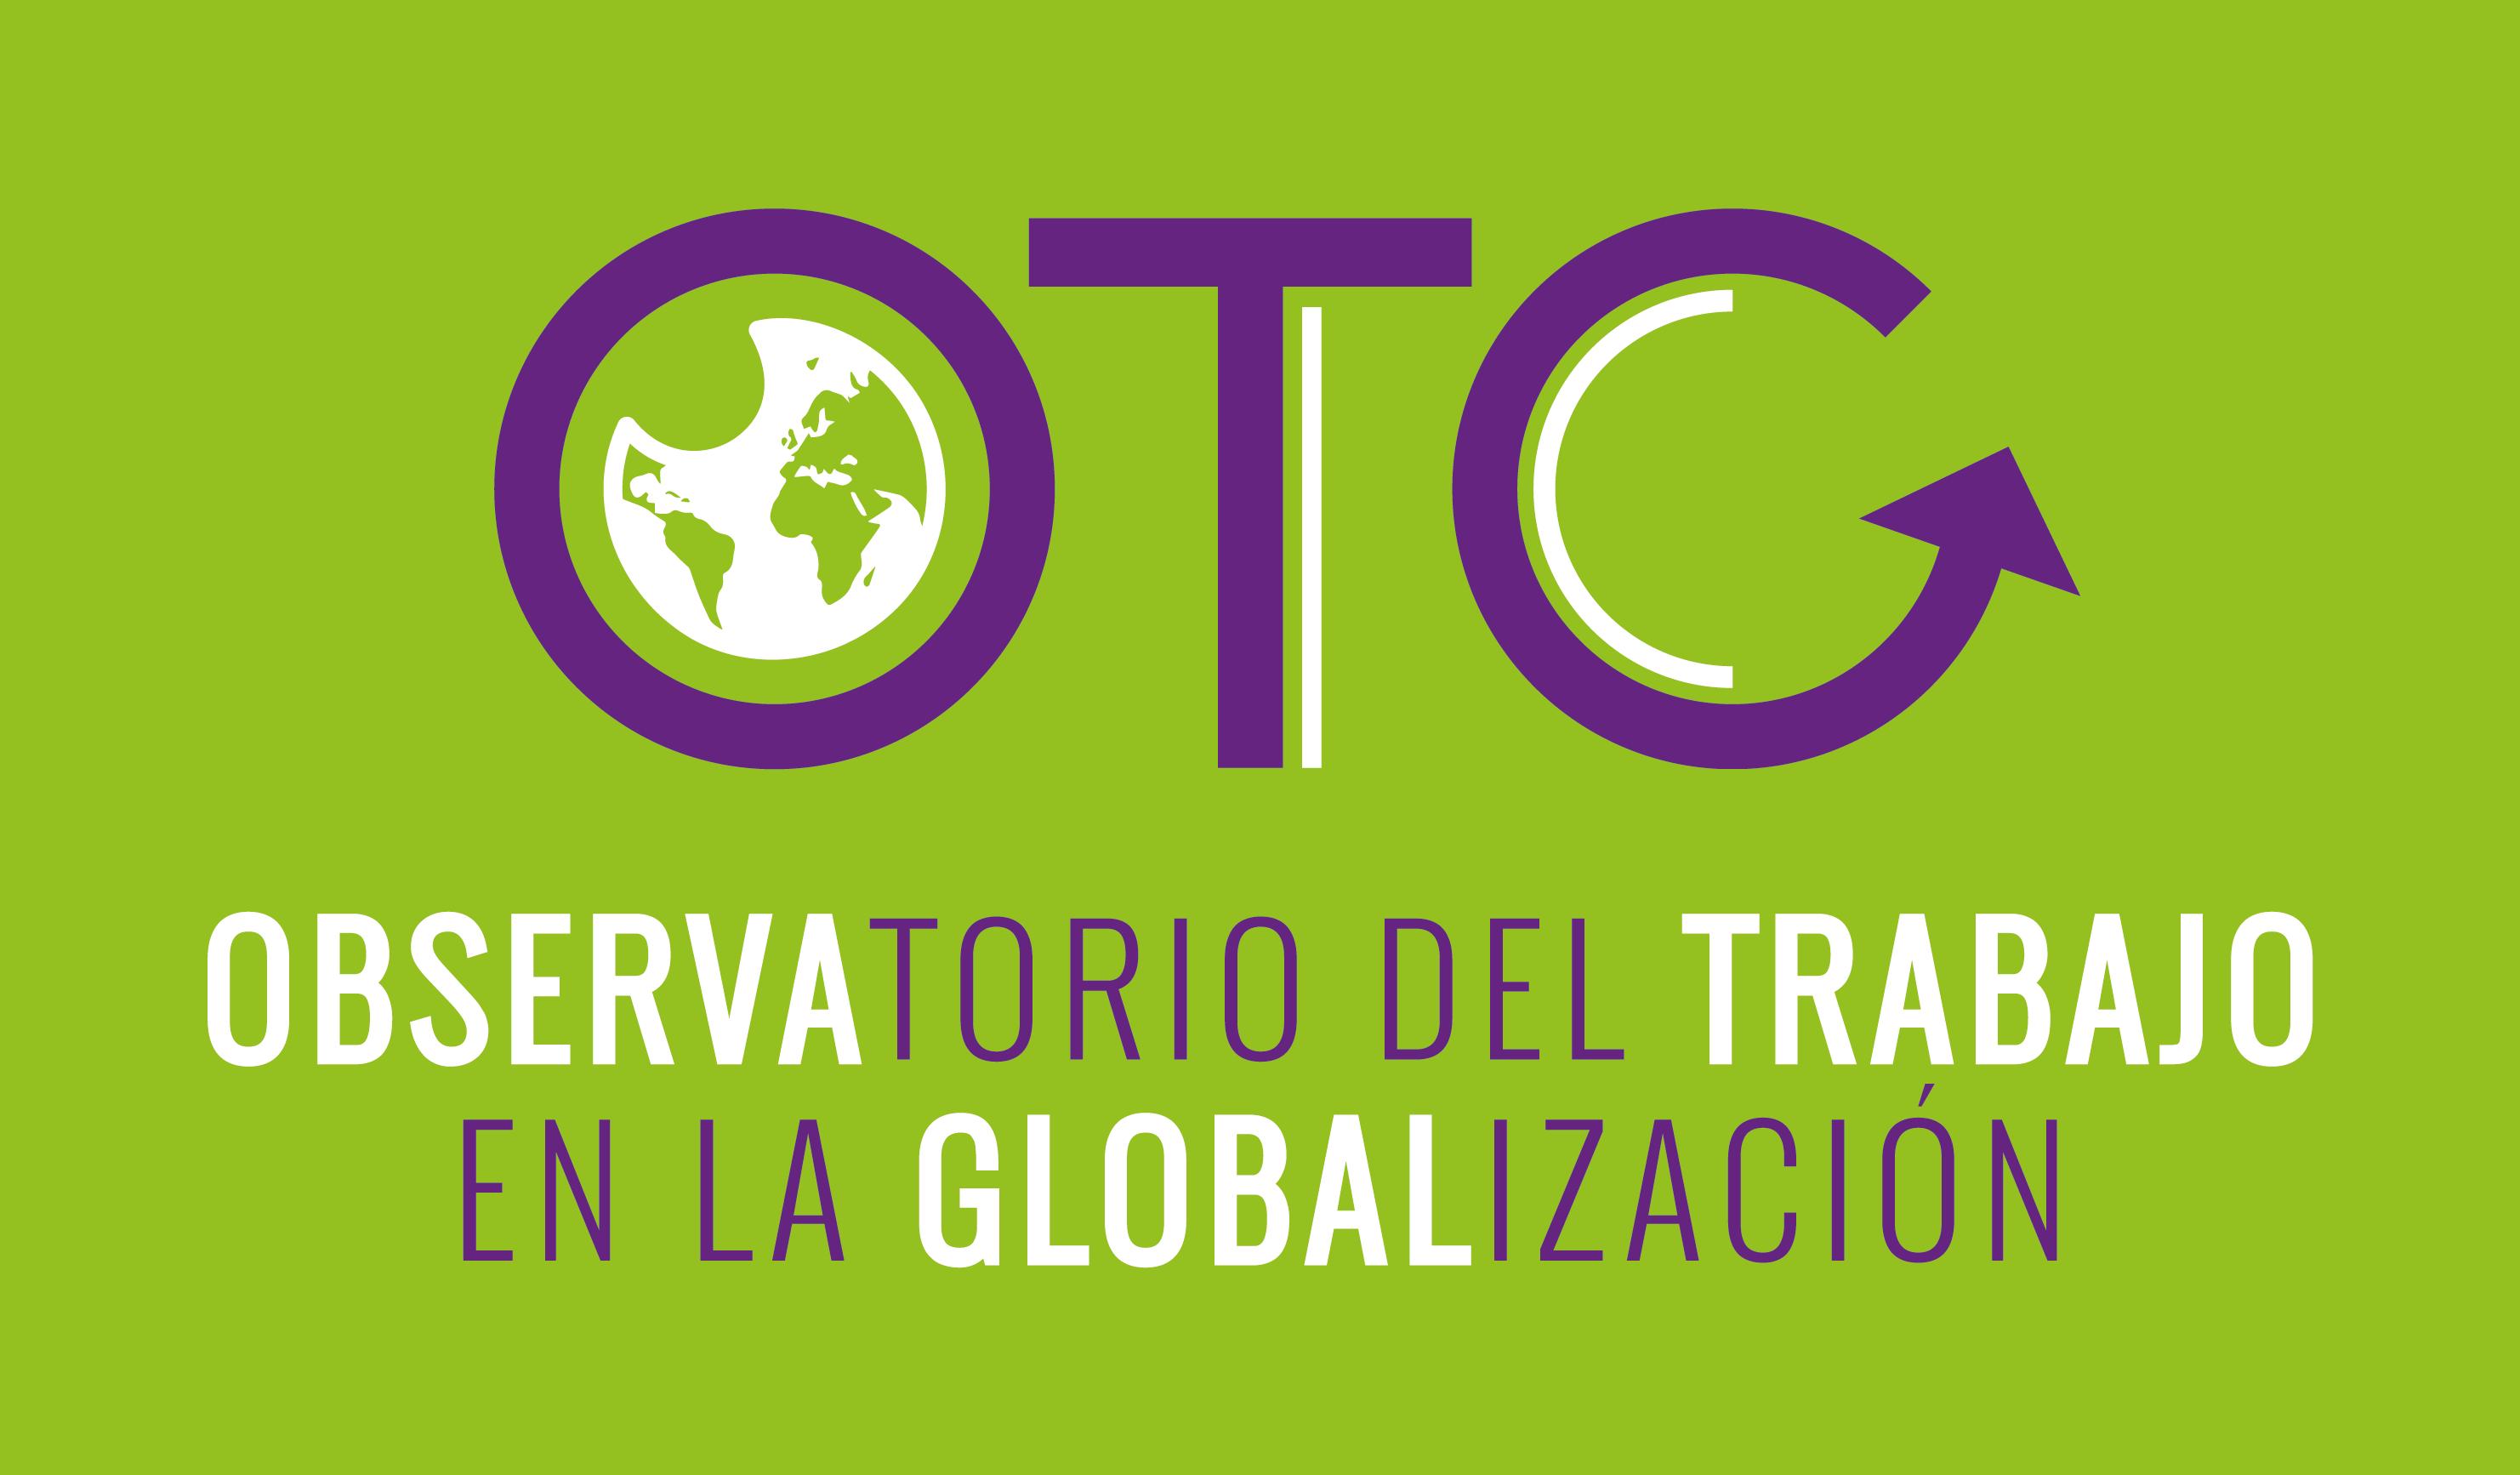 Observatorio del Trabajo en la Globalización